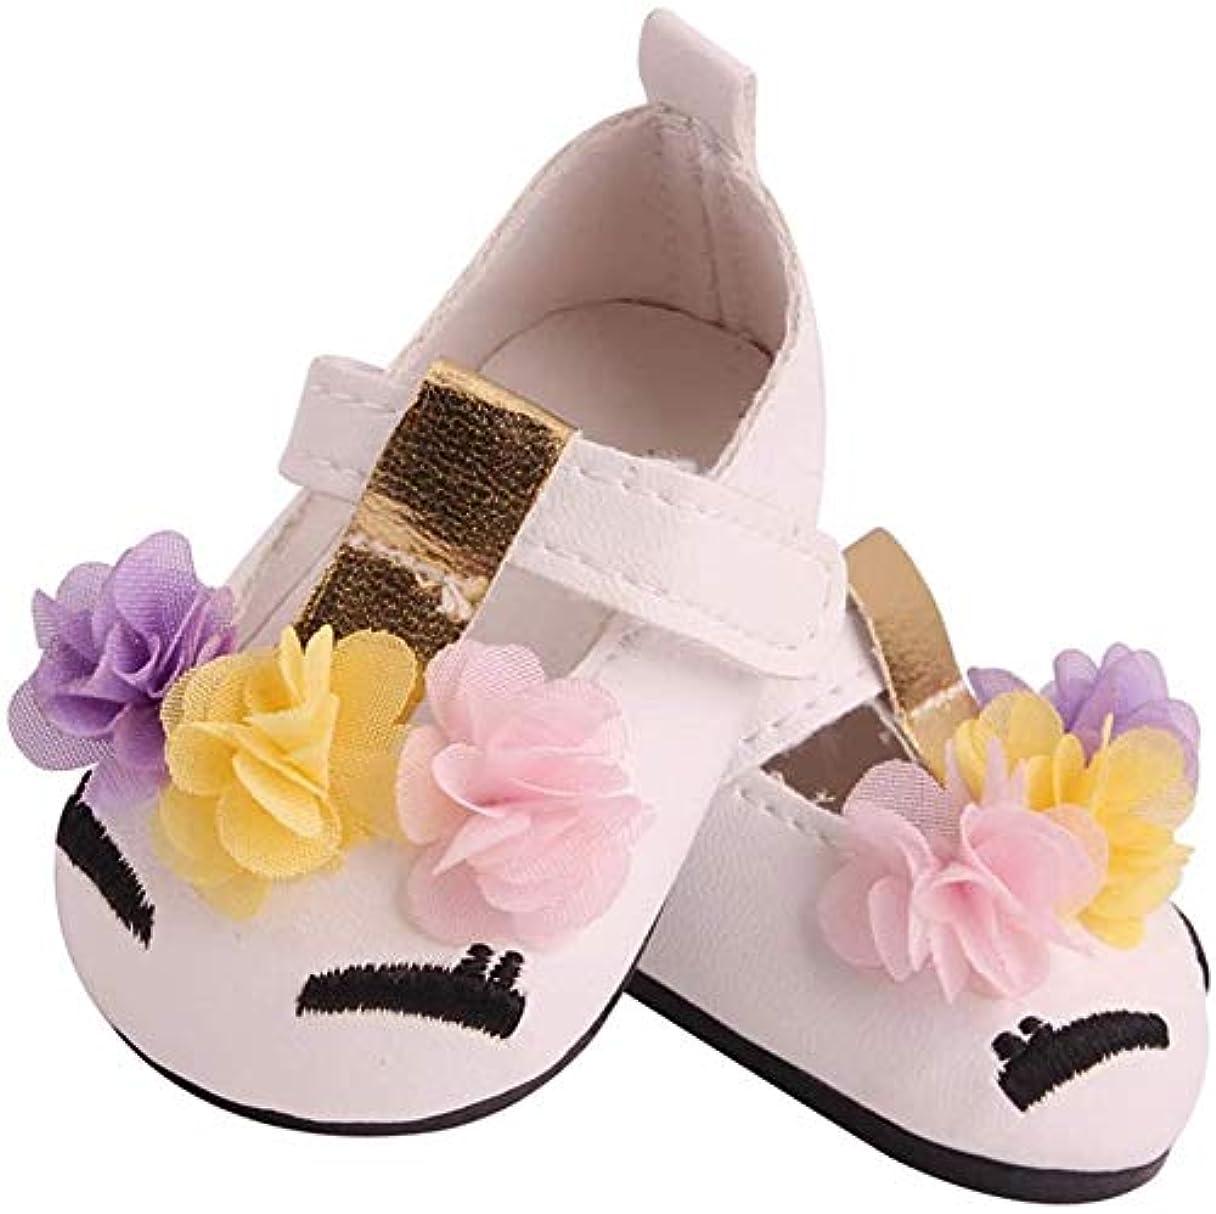 コーラスマットこれまでMAHAXXドールシューズ PUプリンセスシューズ アメリカ人形のシューズ 靴道具 DIY装飾 工芸品 全3色 - 白,白